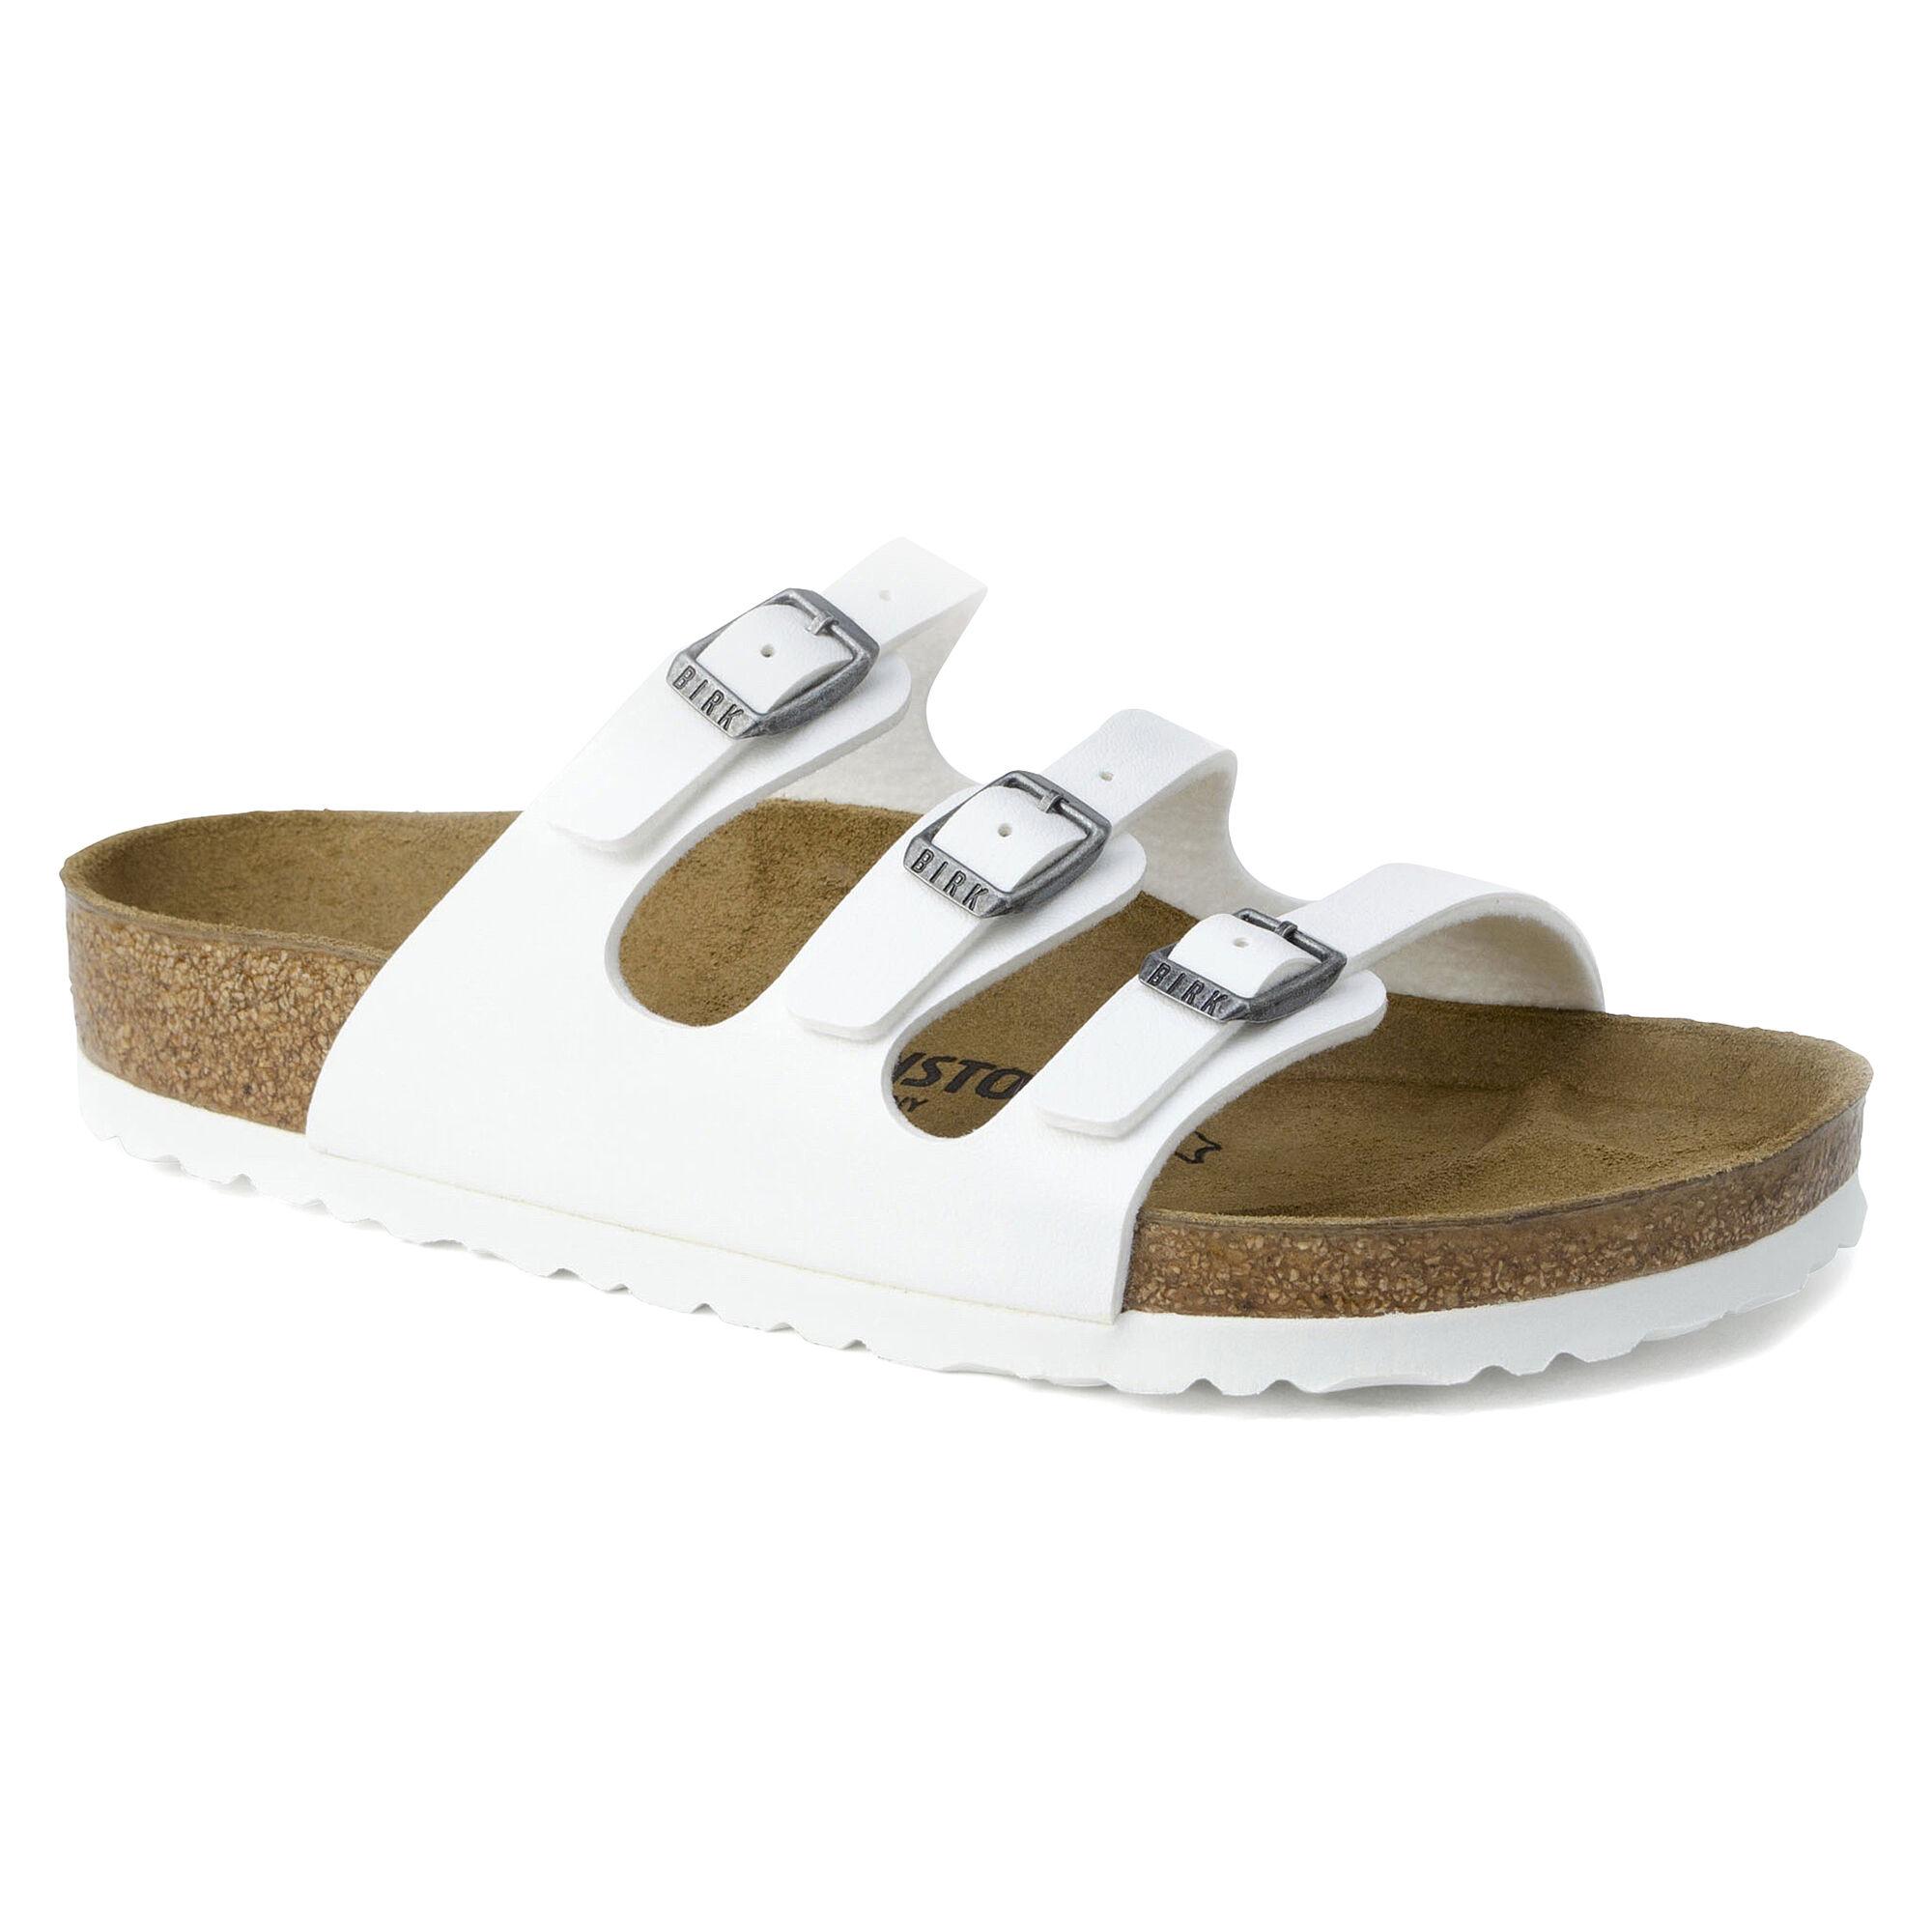 Sandals | shop online at BIRKENSTOCK